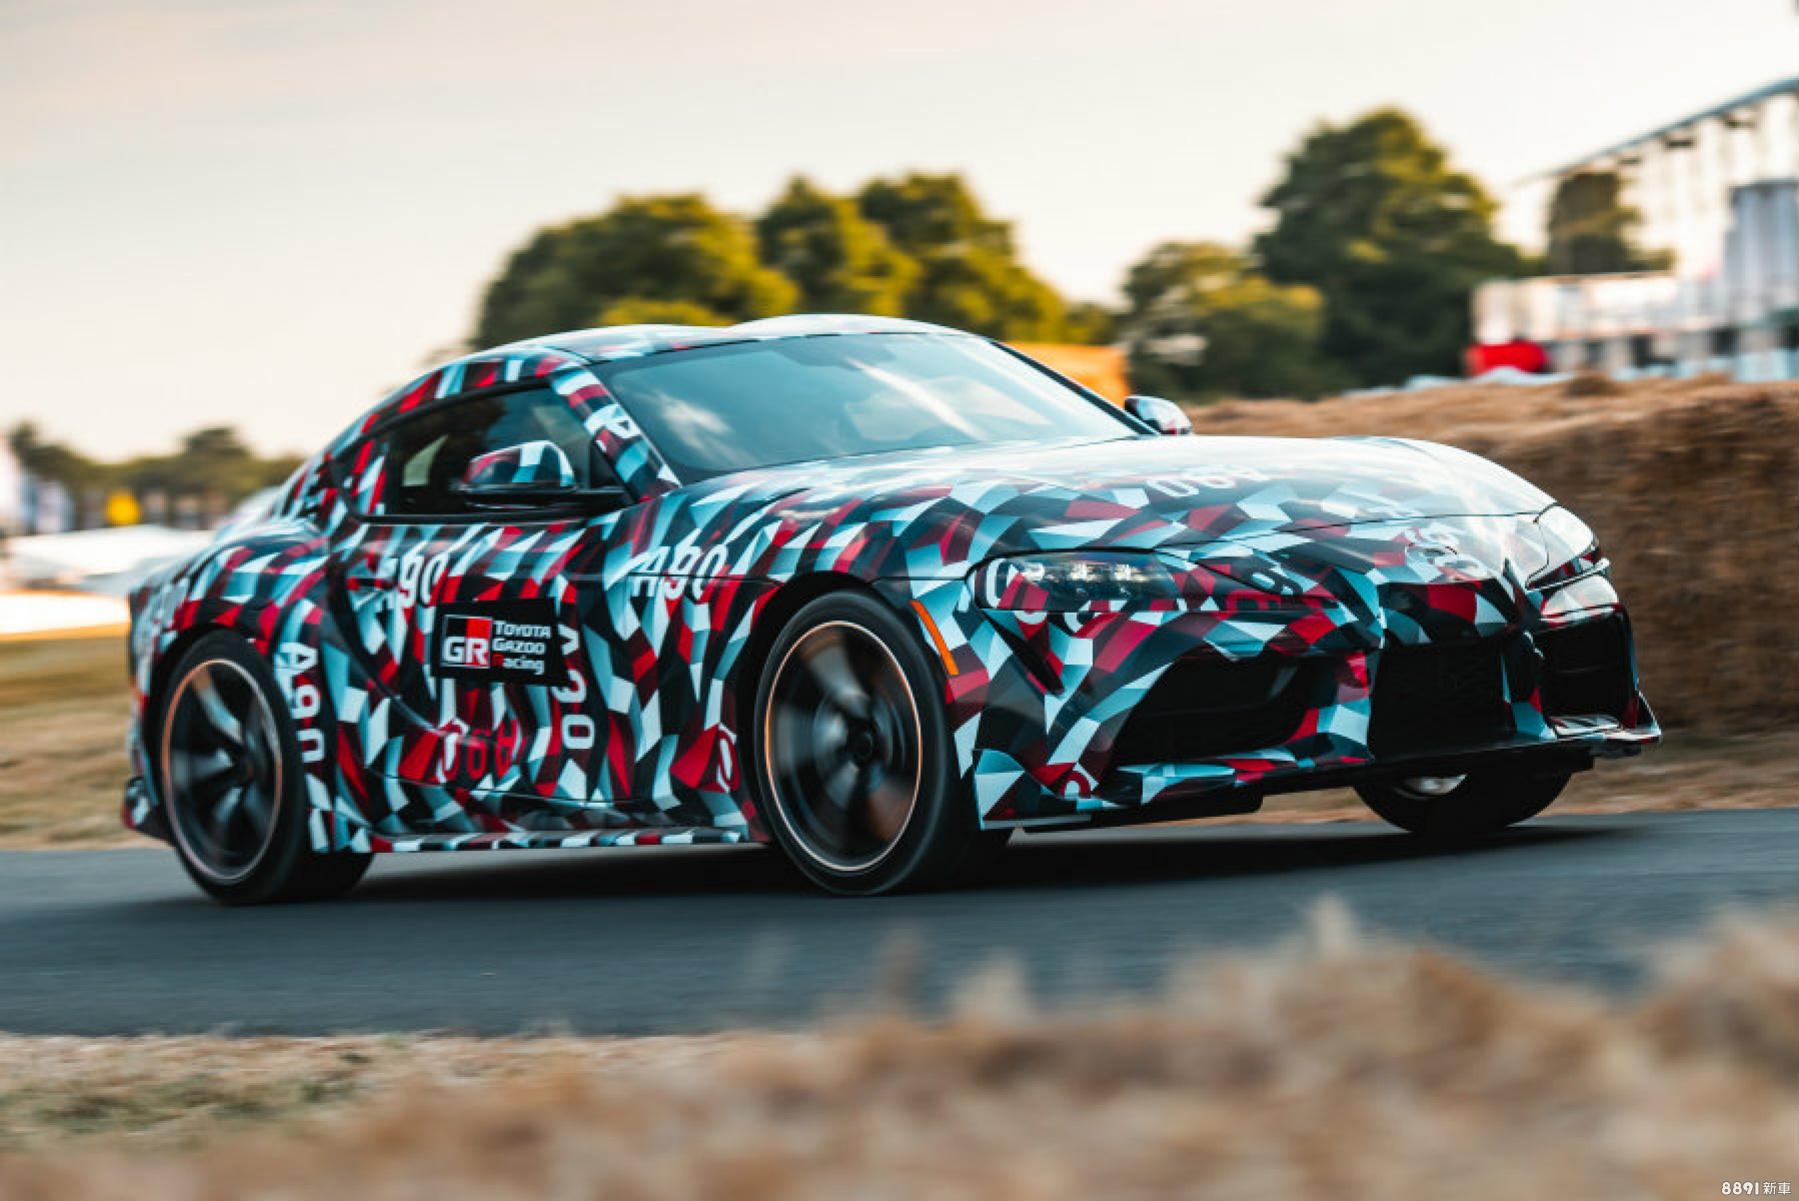 Инженерите на Toyotа и BMW во врска со Suprа / Z4 не комуницирале уште од 2014 година